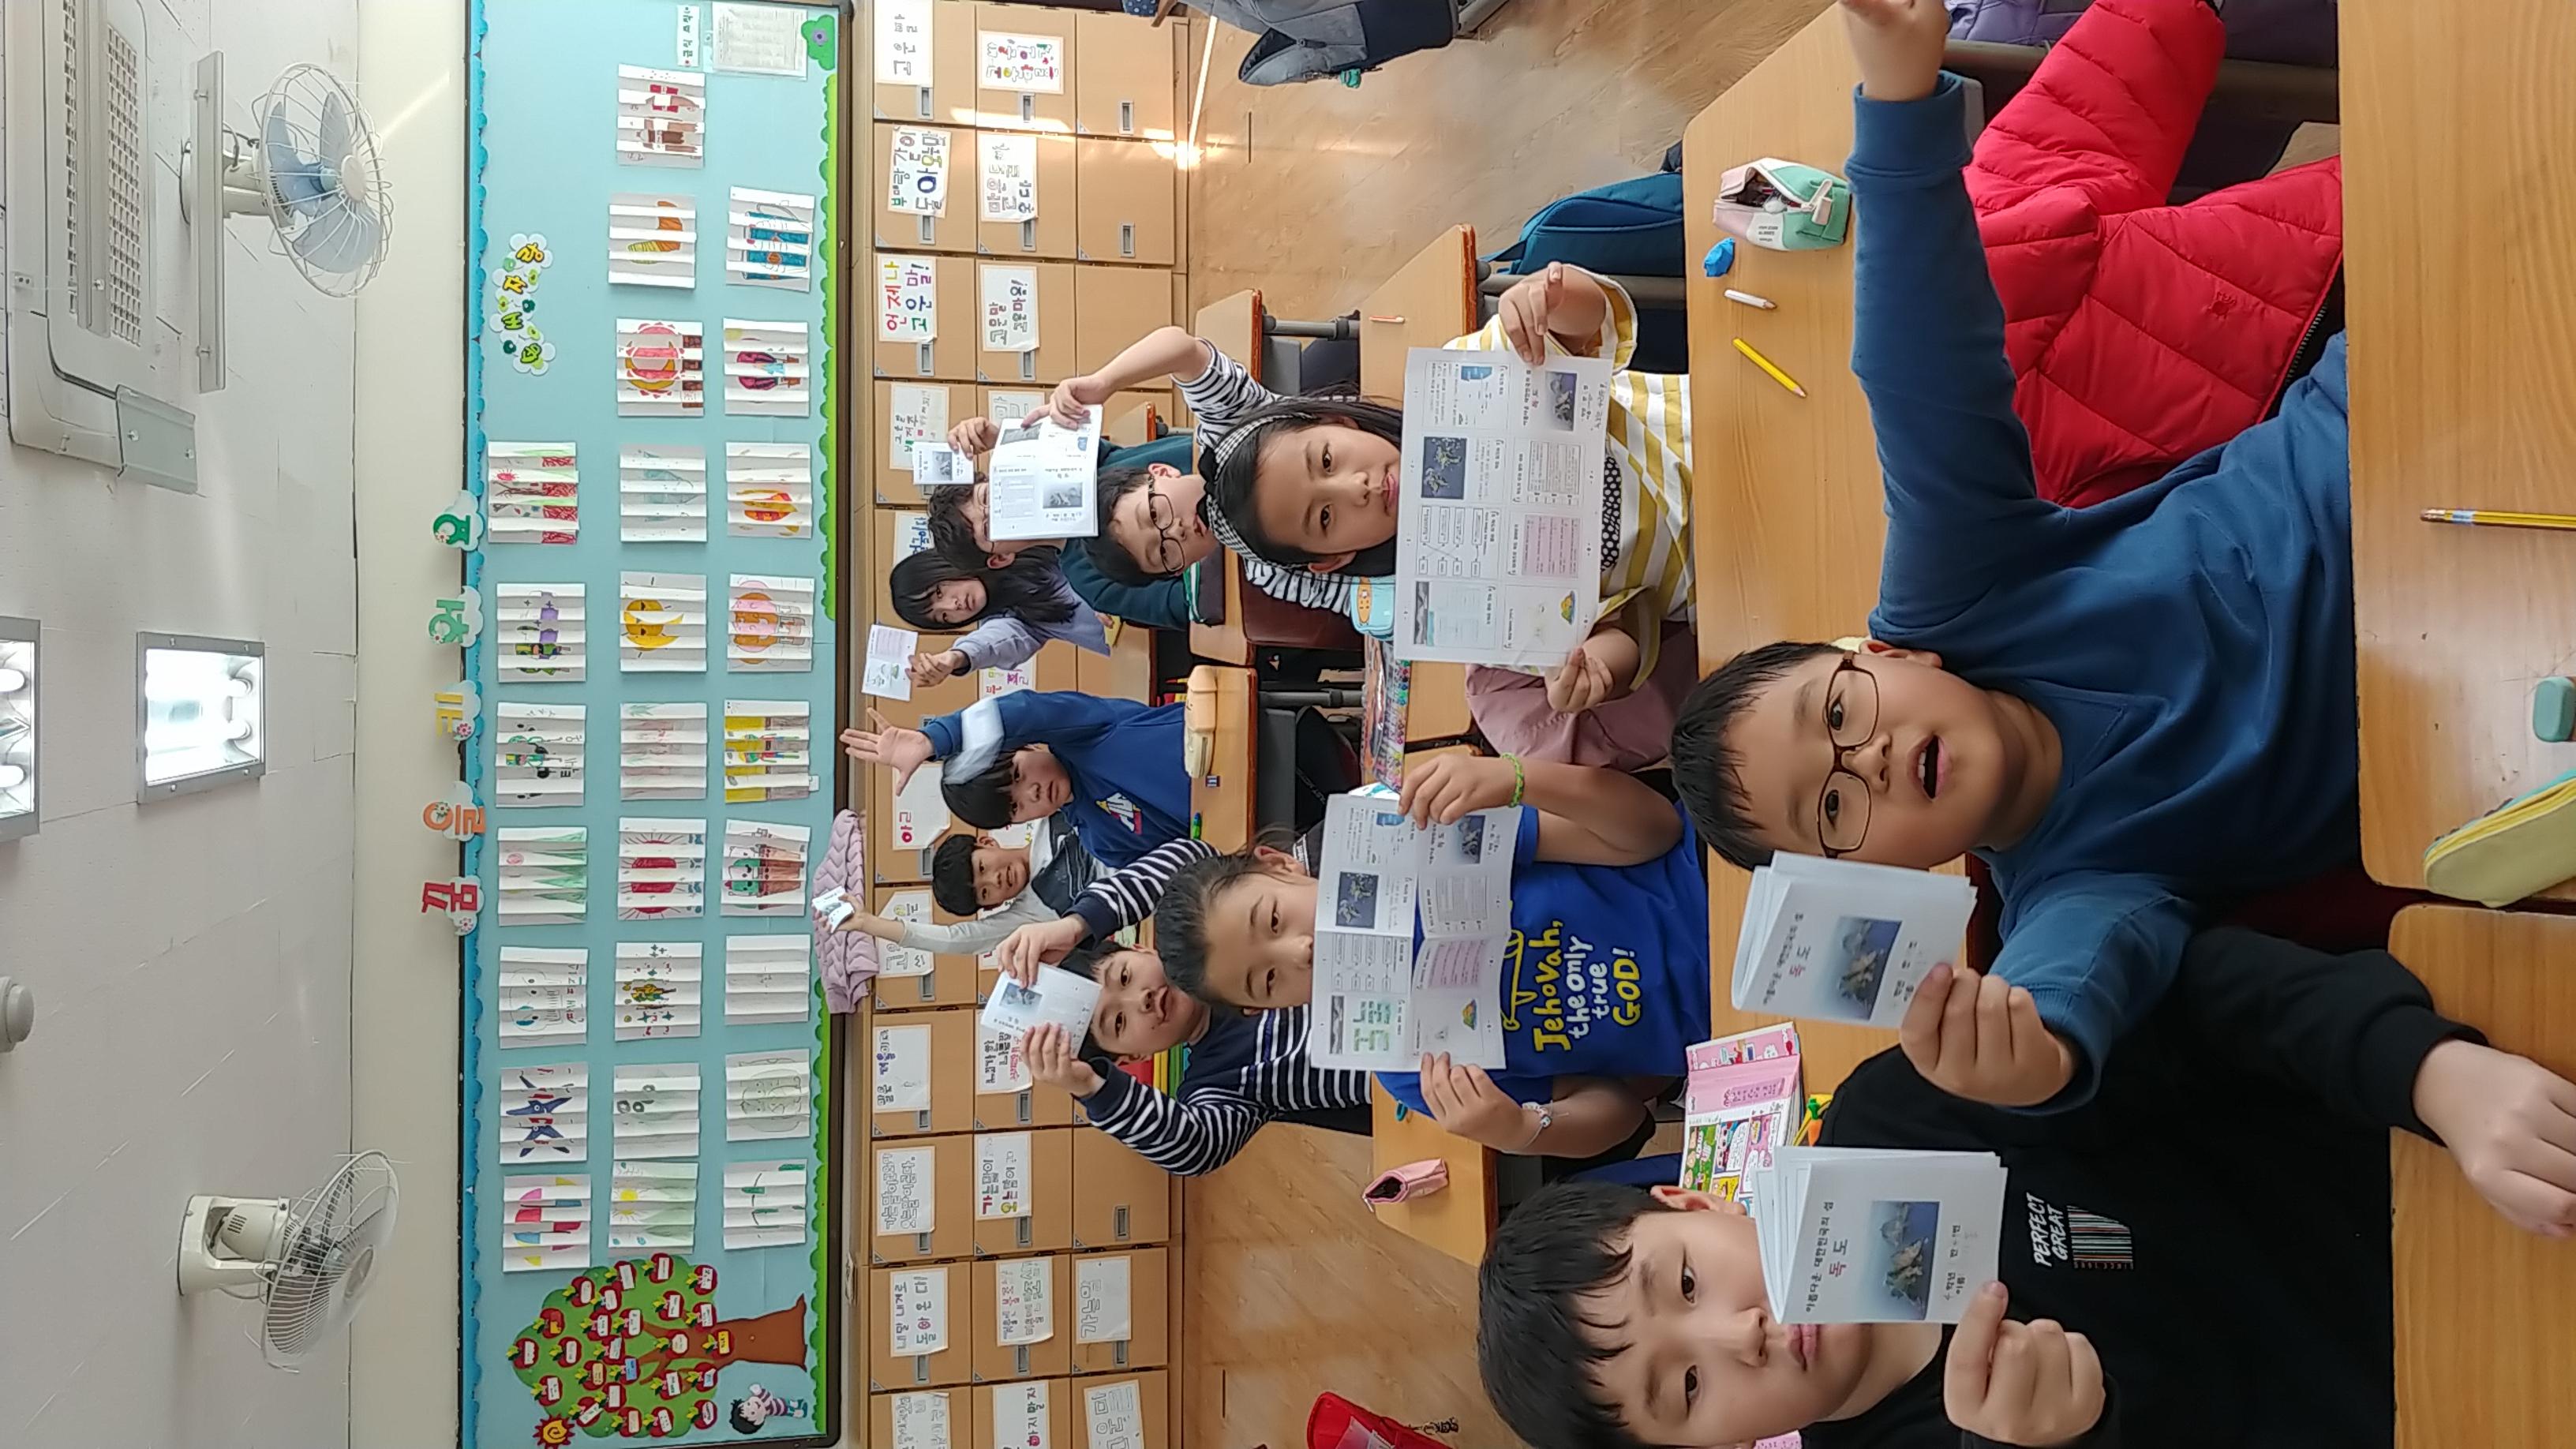 [일반] (4학년) 독도교육활동의 첨부이미지 3